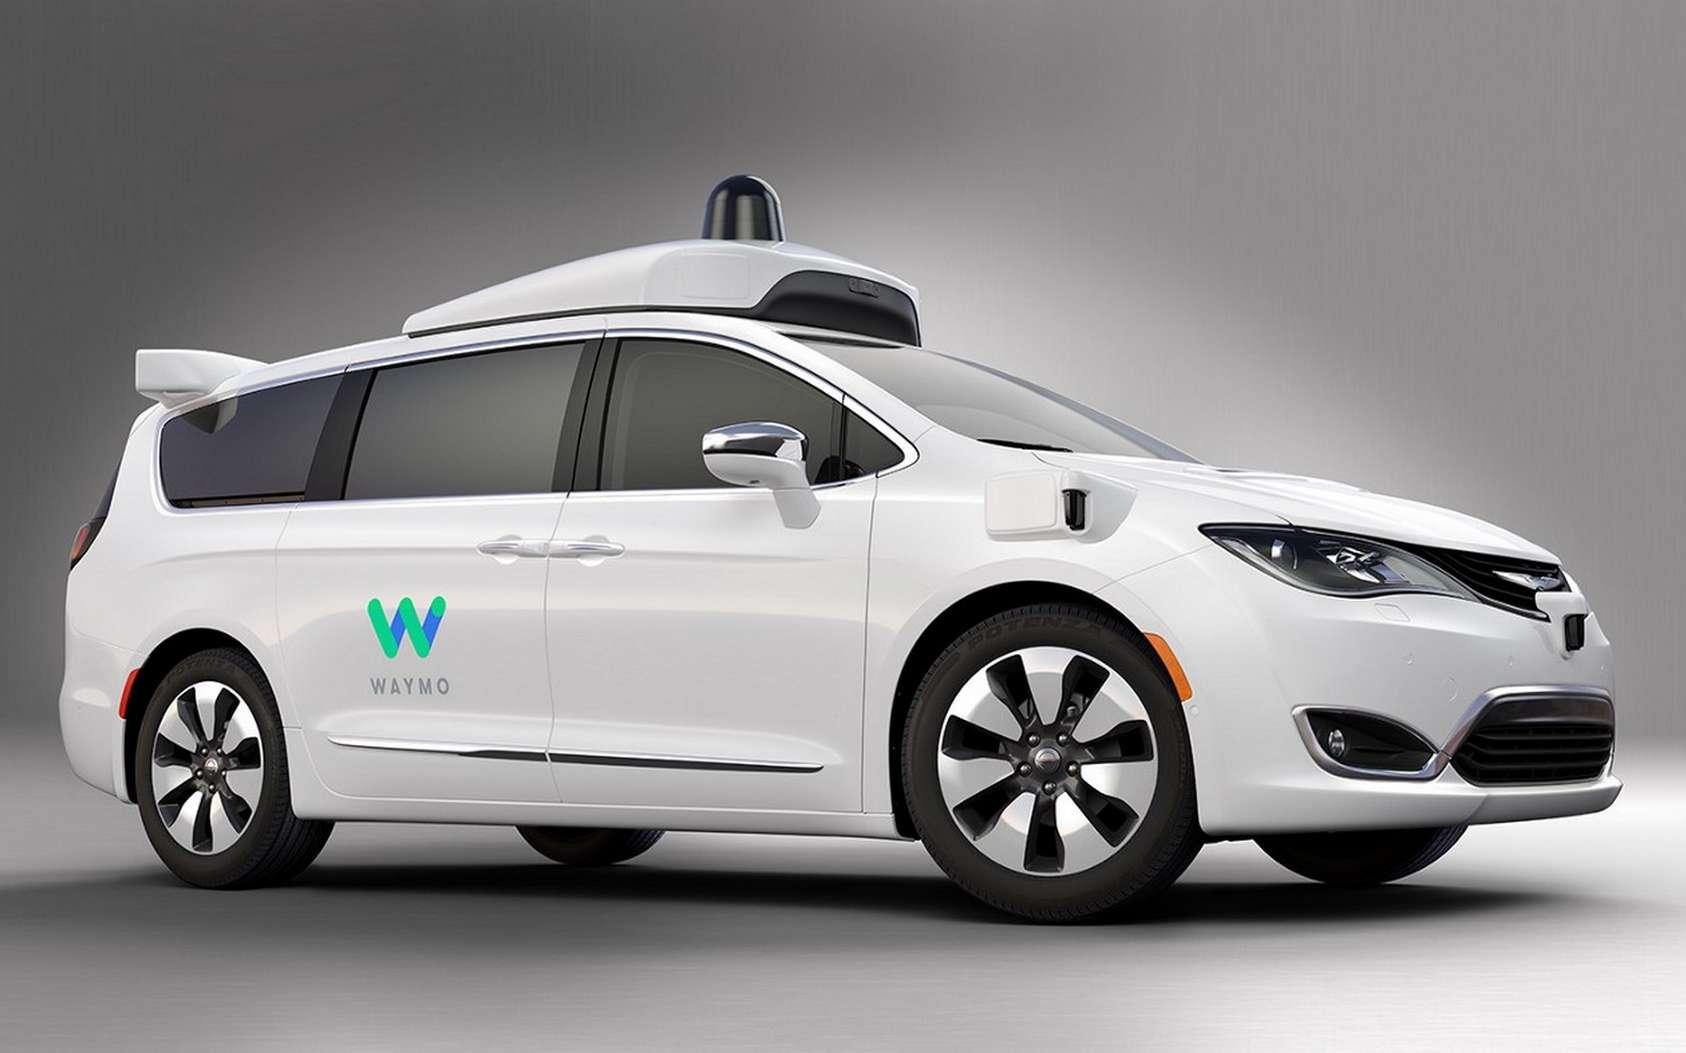 Le Chrysler Pacifica utilisé par le service de taxis autonome Waymo One. © Waymo